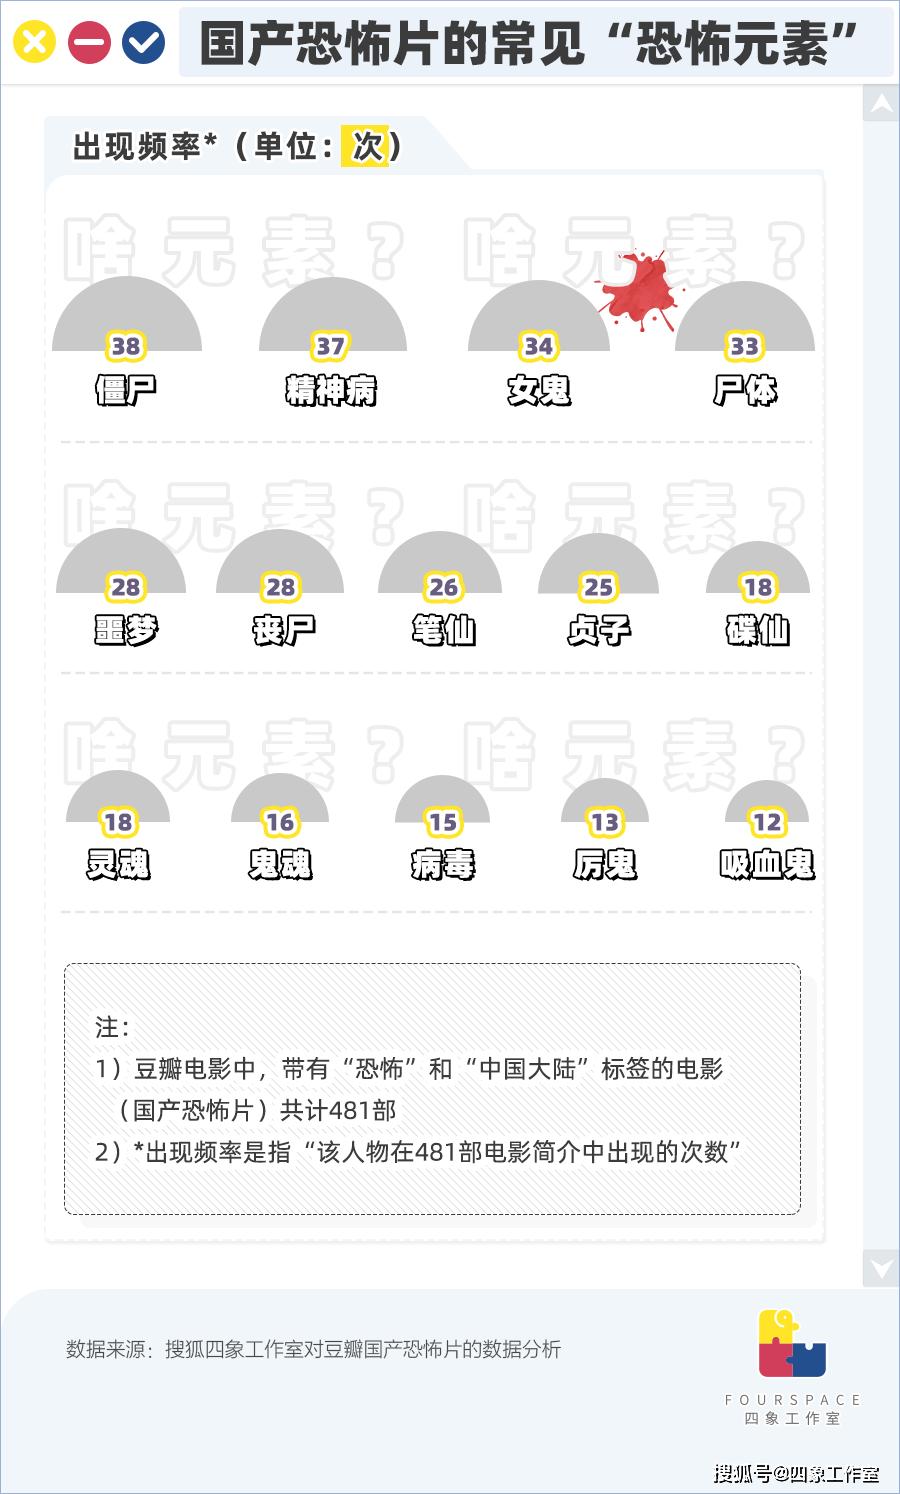 恒达官网481部国产恐怖烂片揭秘 资本靠鬼发财的套路(图6)